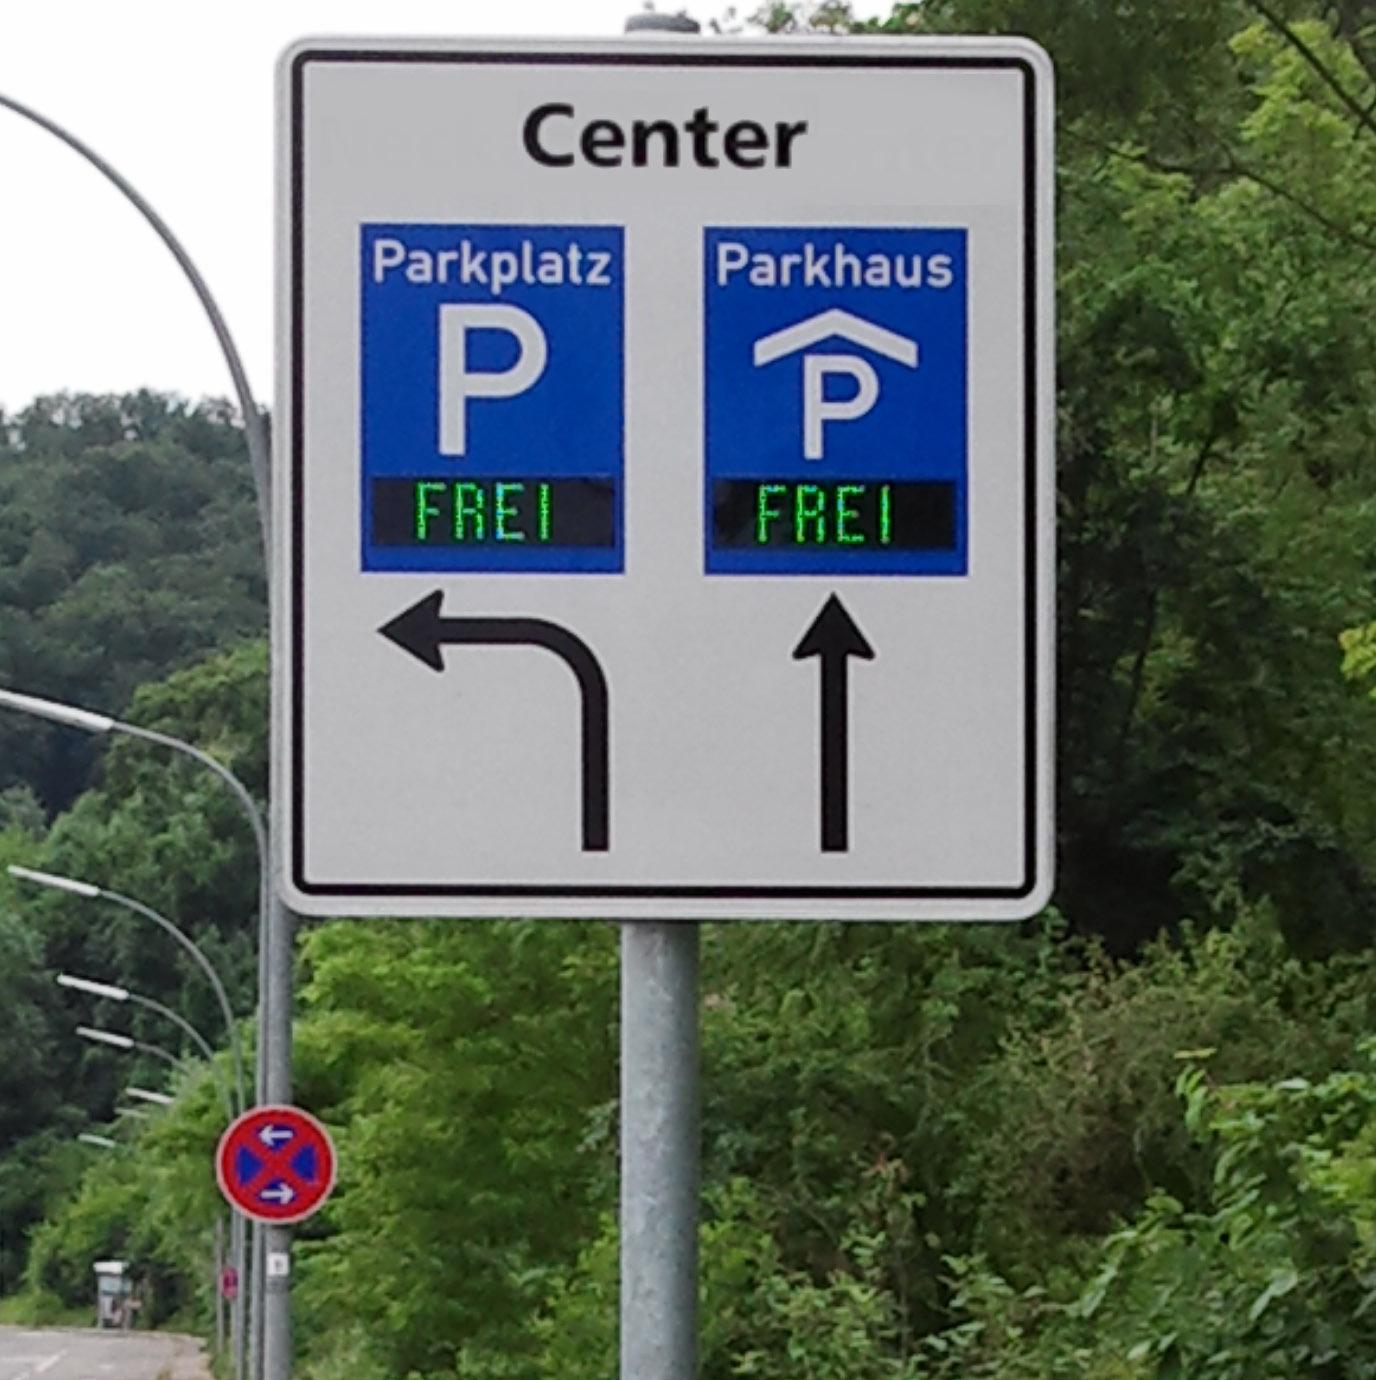 Parkplatzanzeigen, Frei/Besetzt, Outdoor, zweifarbig, Einbaugehäuse